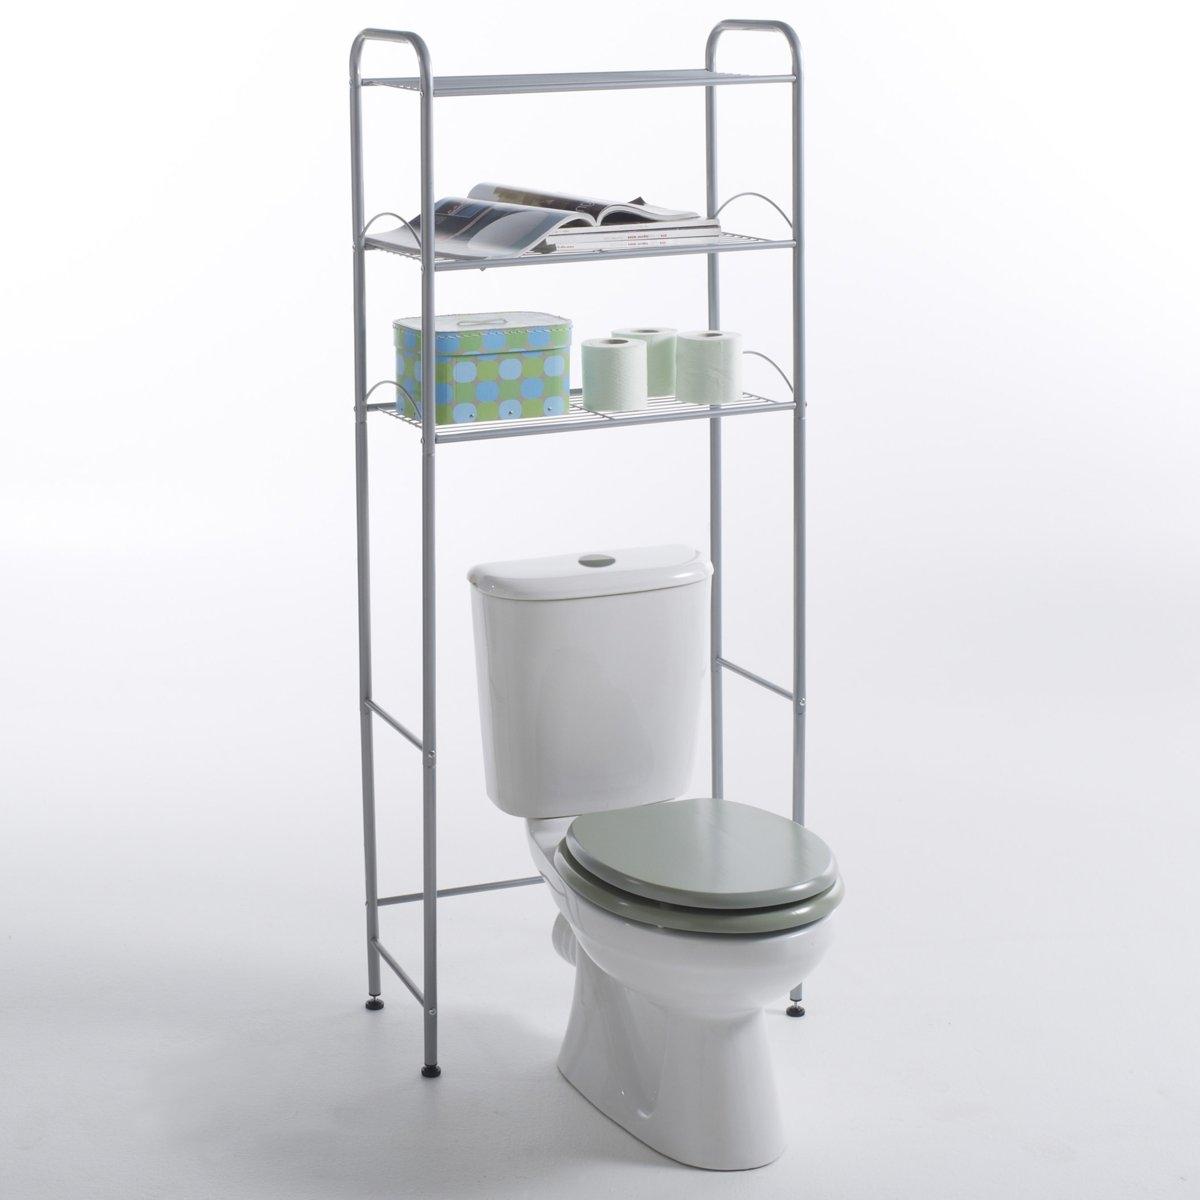 Полка для туалета, 2 цветаЭта полка размещается над унитазом для организации большого места для хранения вещей.Характеристики :- Каркас из металла.- Состоит из 3 этажерок при размещении унитаза внизу .Мебель готова к сборке согласно инструкции.Размеры :- Размер. общие : 61 x 155 x 28 см .<br><br>Цвет: серый хромированный